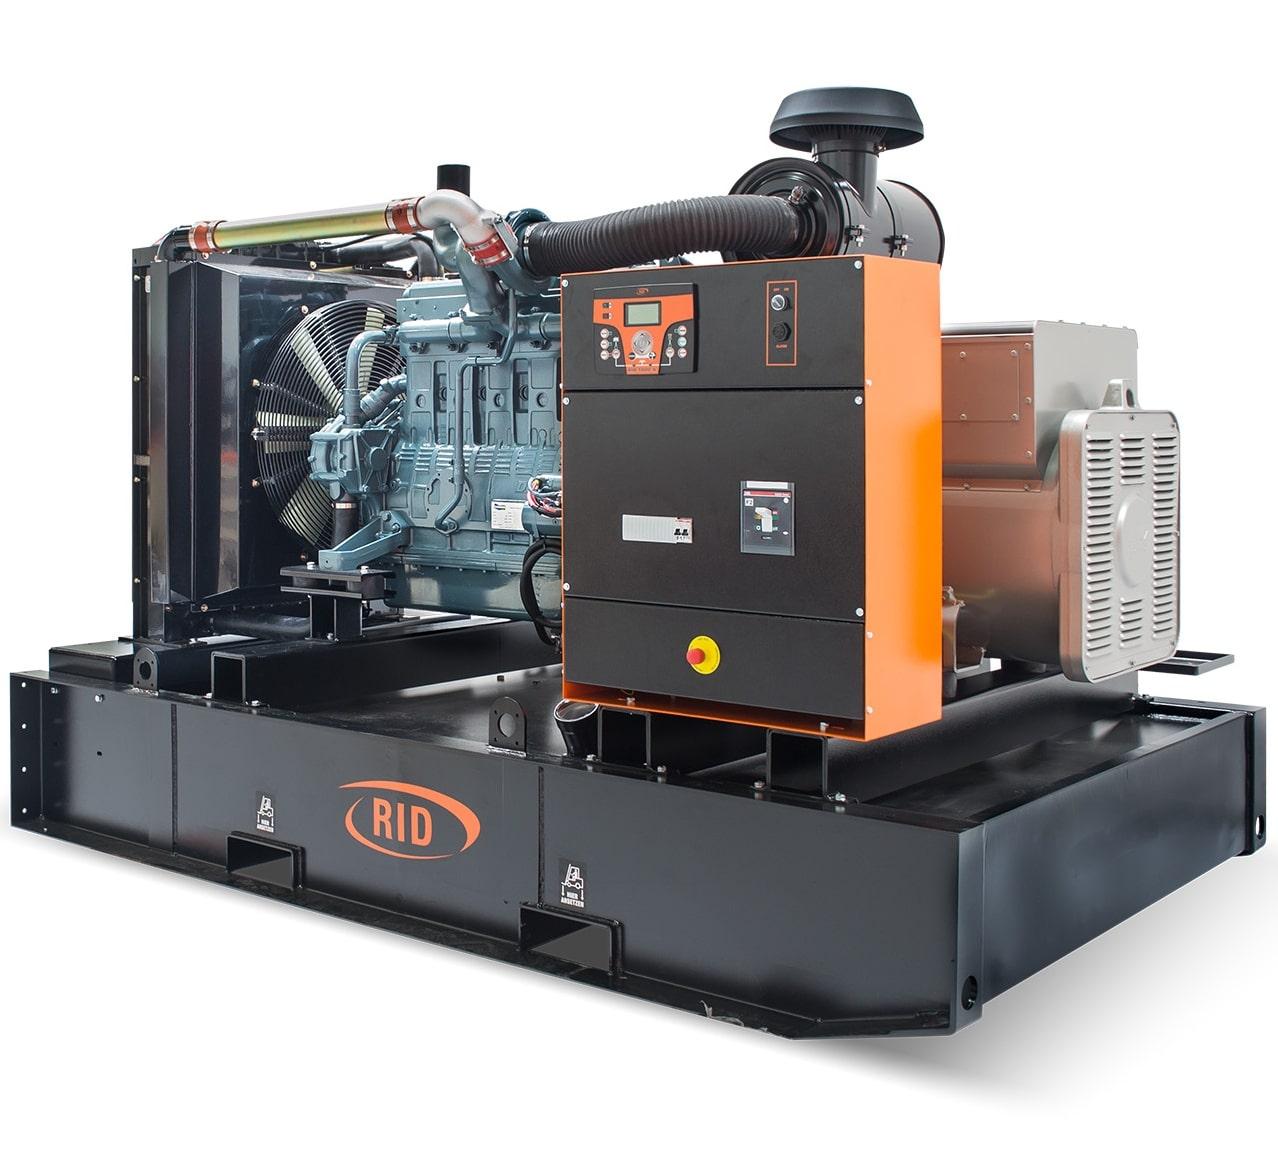 дизельная электростанция rid 450 b-series